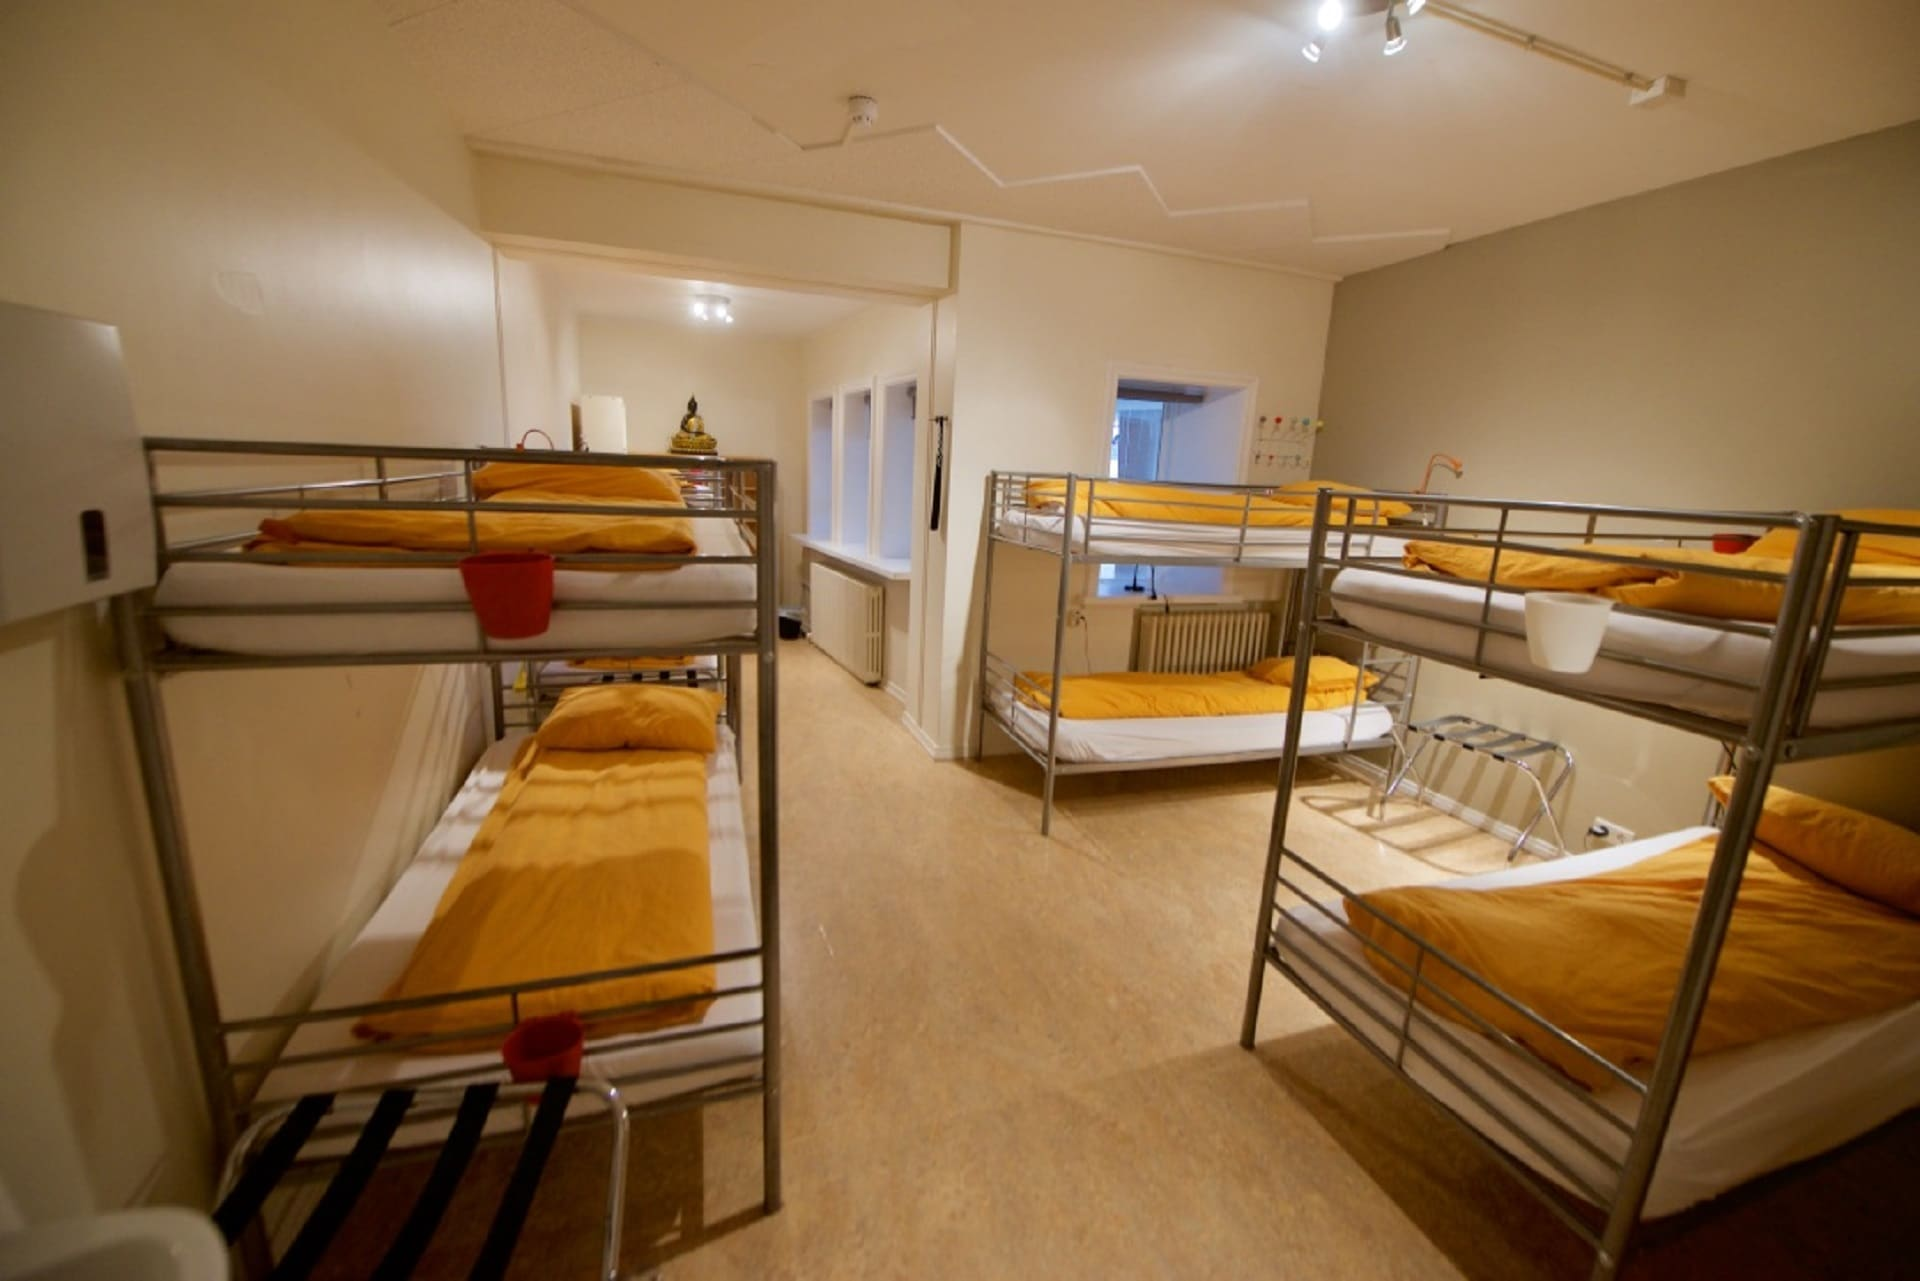 HOSTEL - Hostel B47